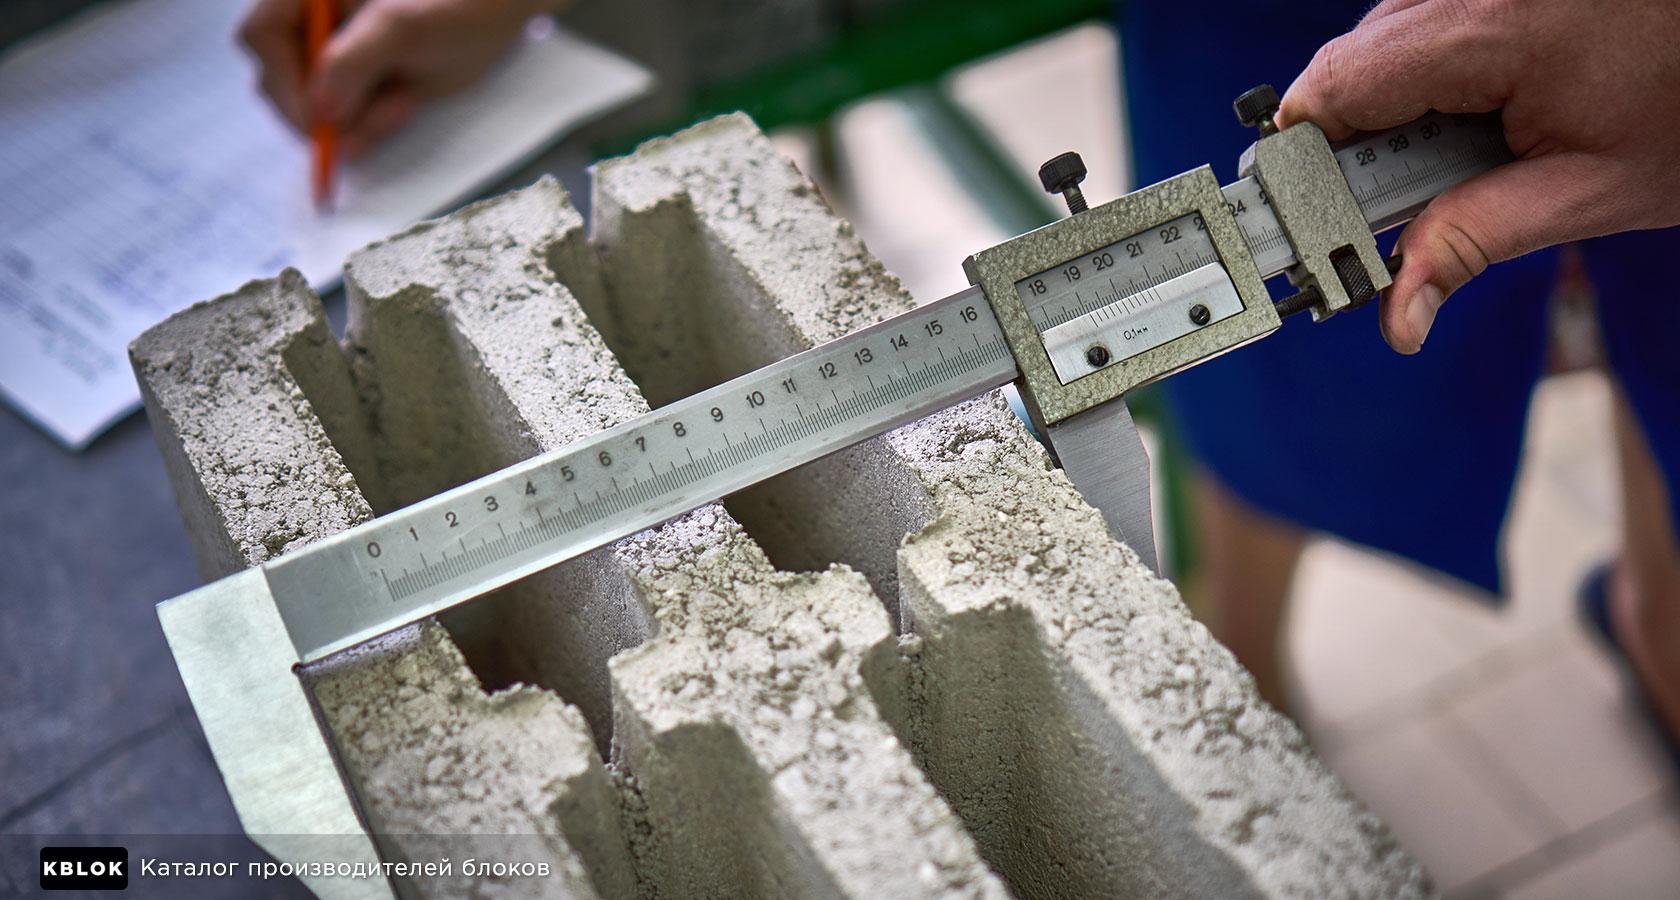 Размер блока из керамзитобетона стандартного купить краситель для бетона в краснодаре